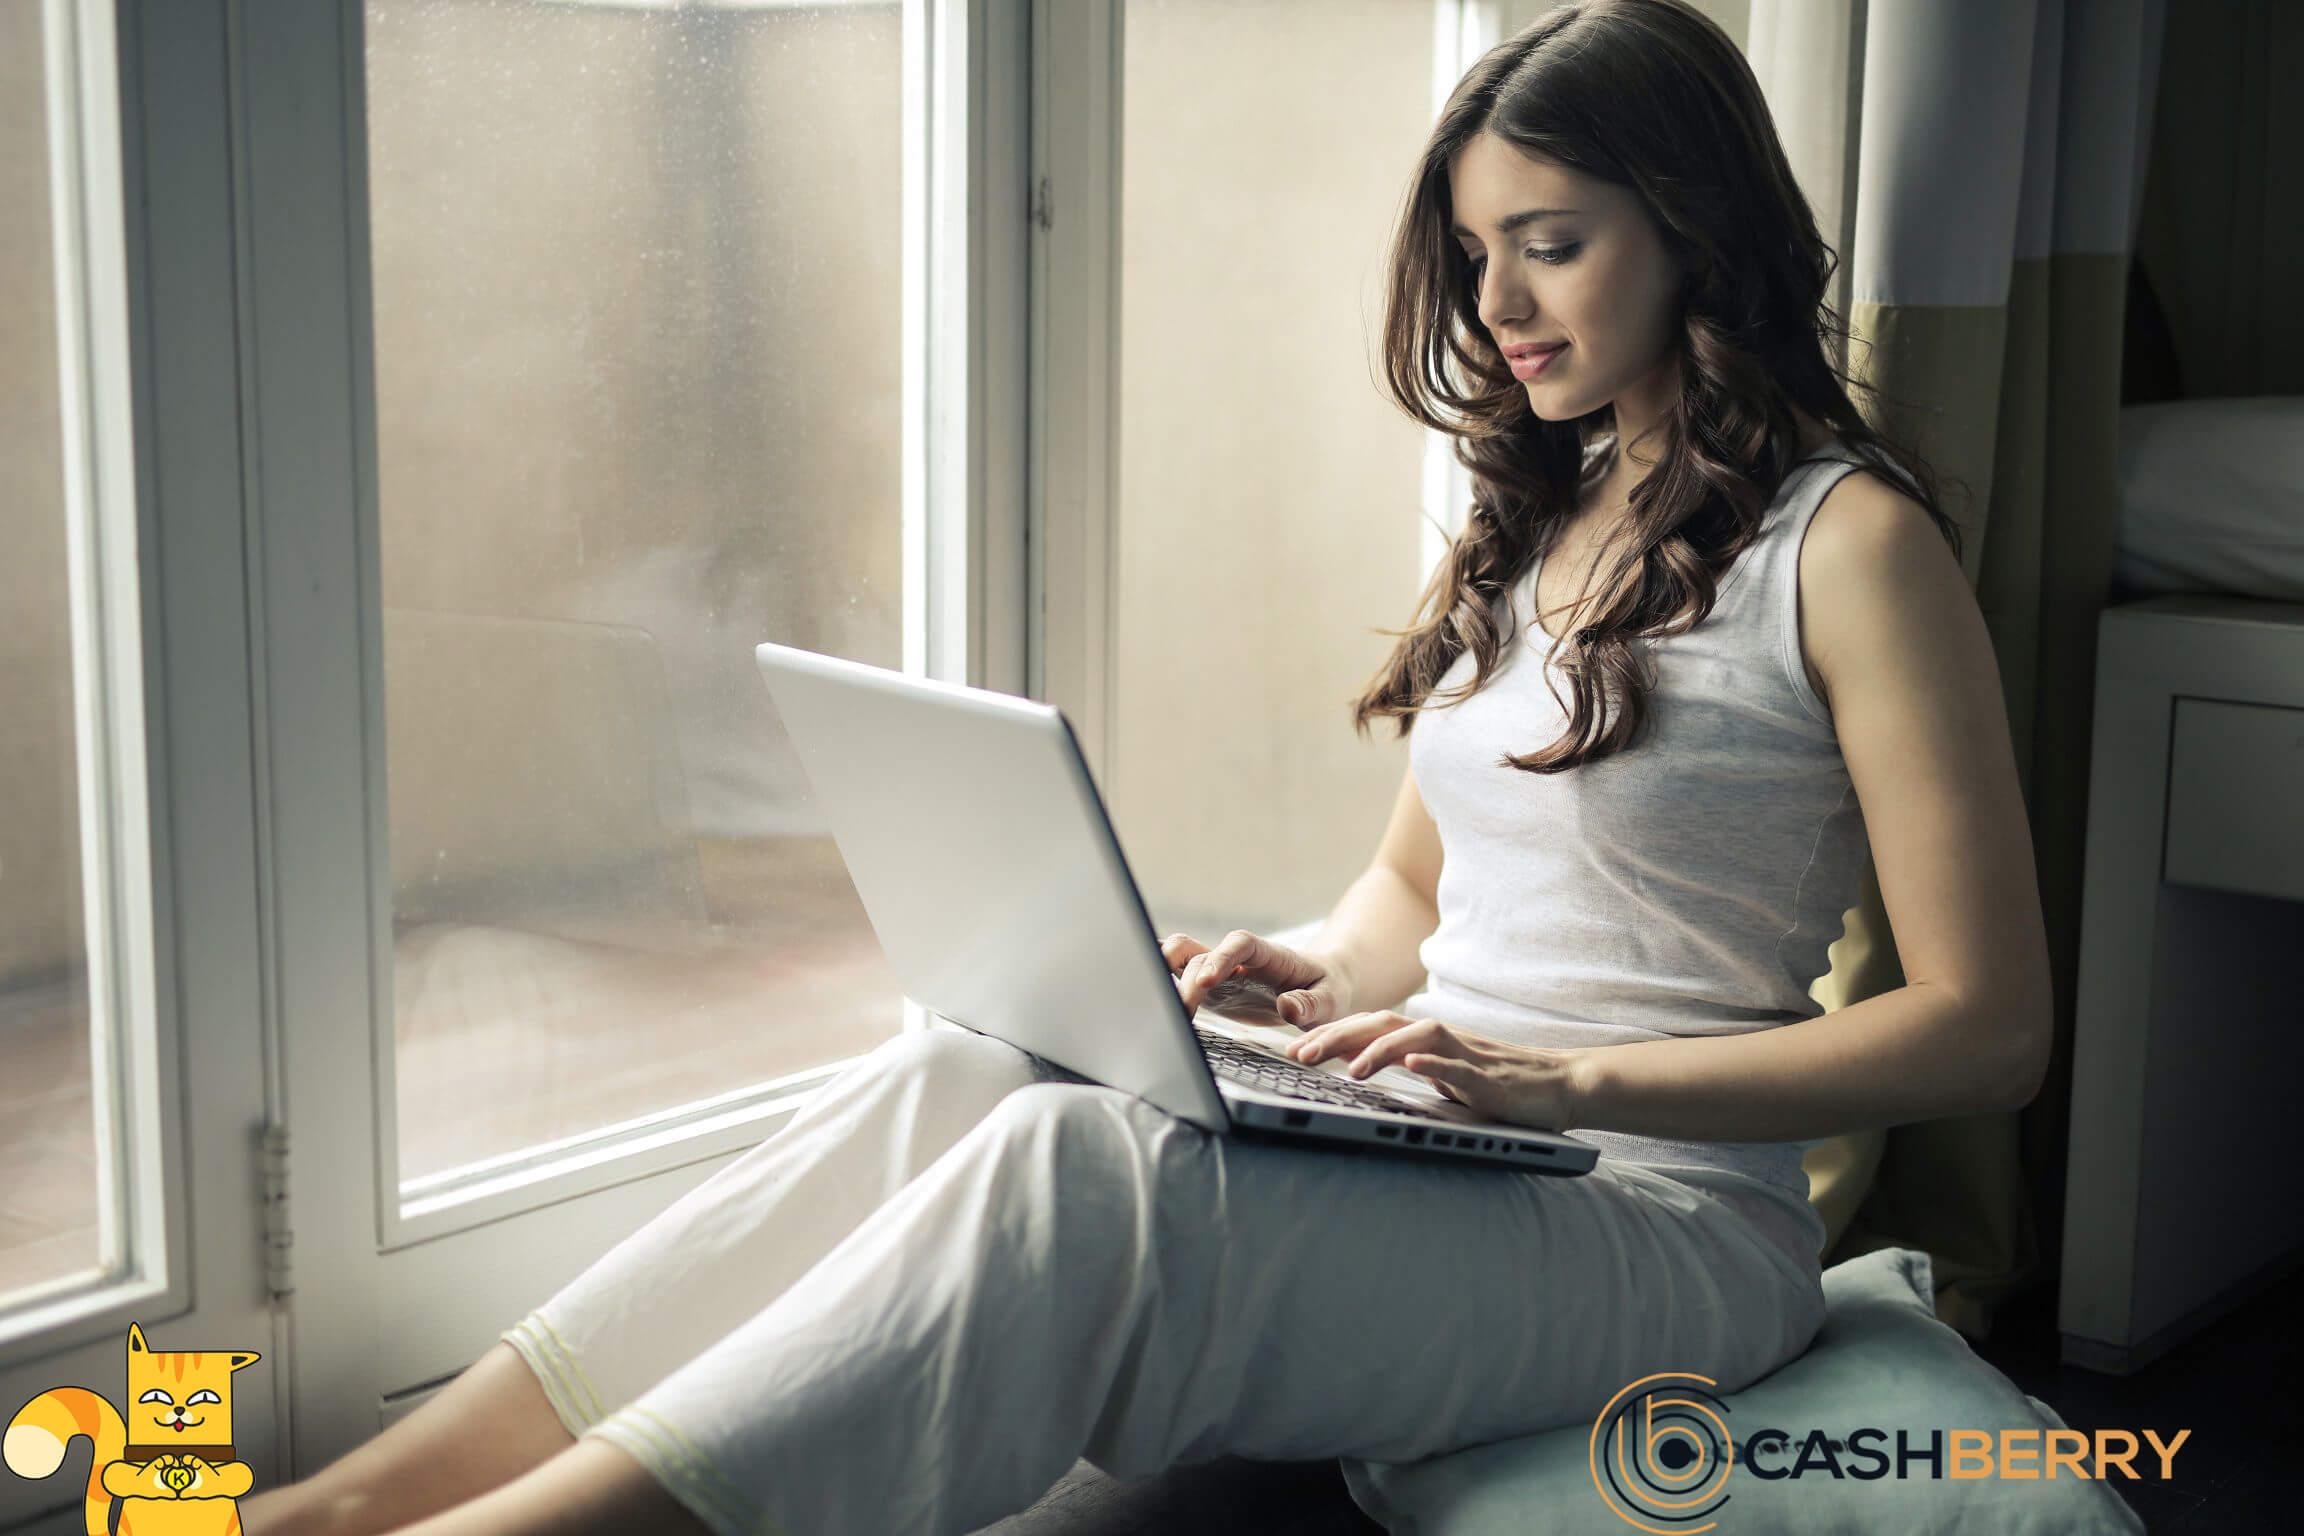 Как взять кредит без звонка в Киеве или кредит онлайн на карту срочно без отказа